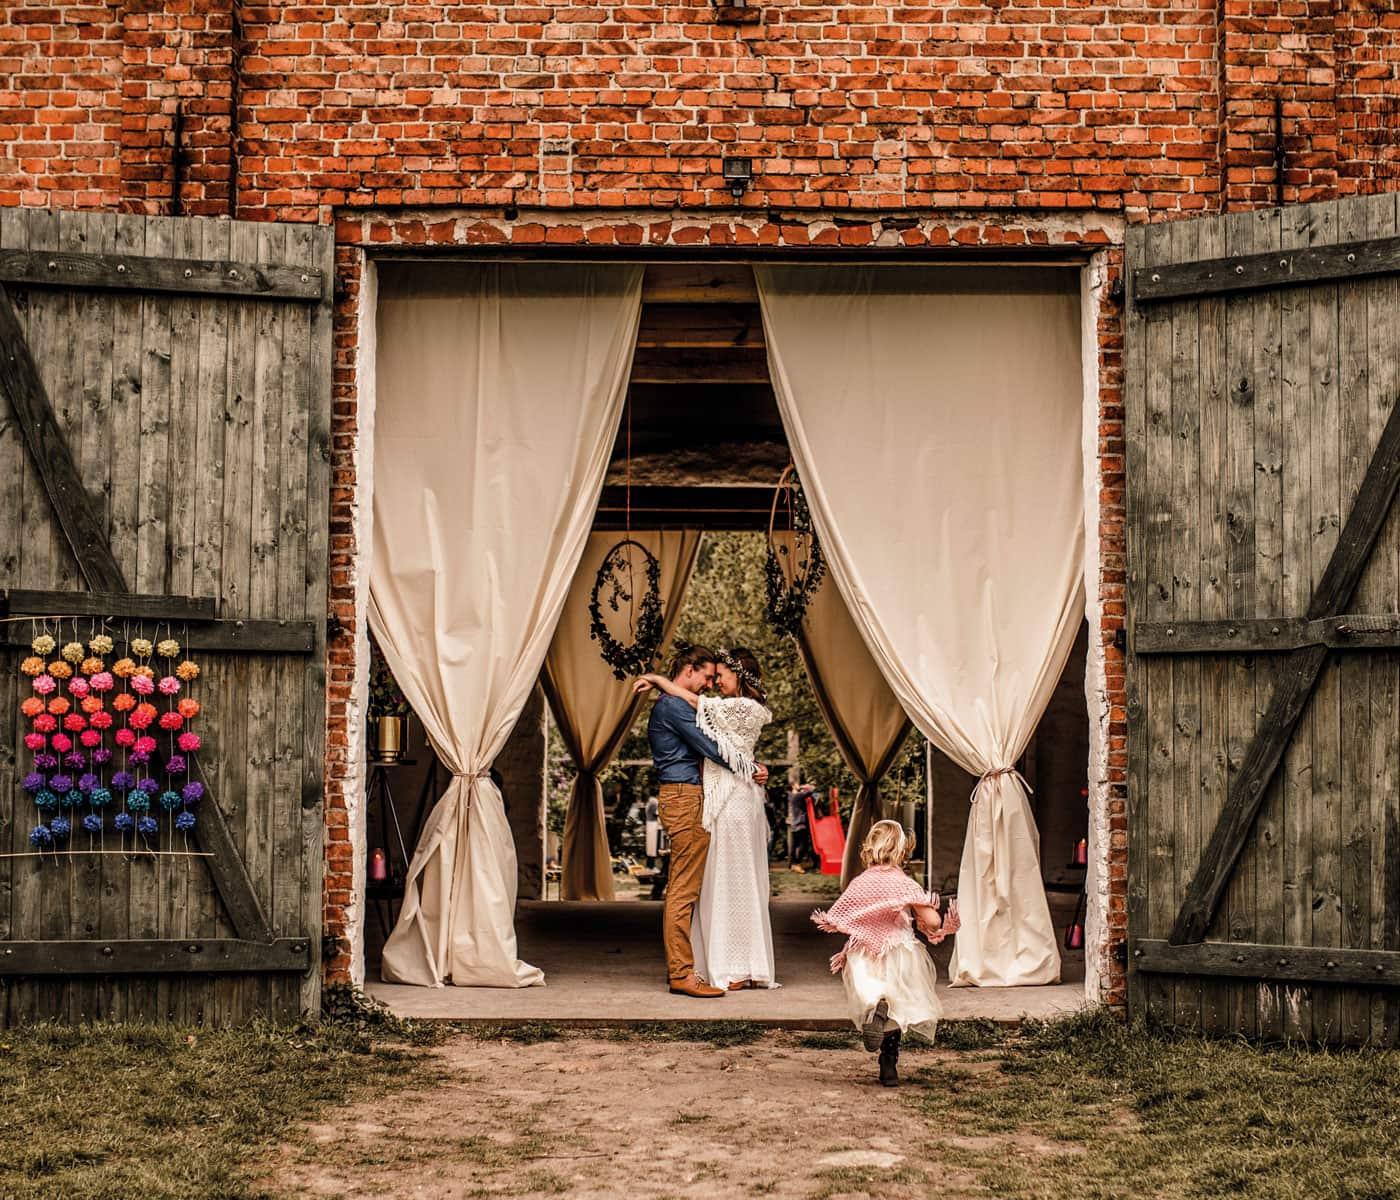 Schöne Orte zum Feste Feiern: Festscheune ZaZa mit Brautpaar // HIMBEER